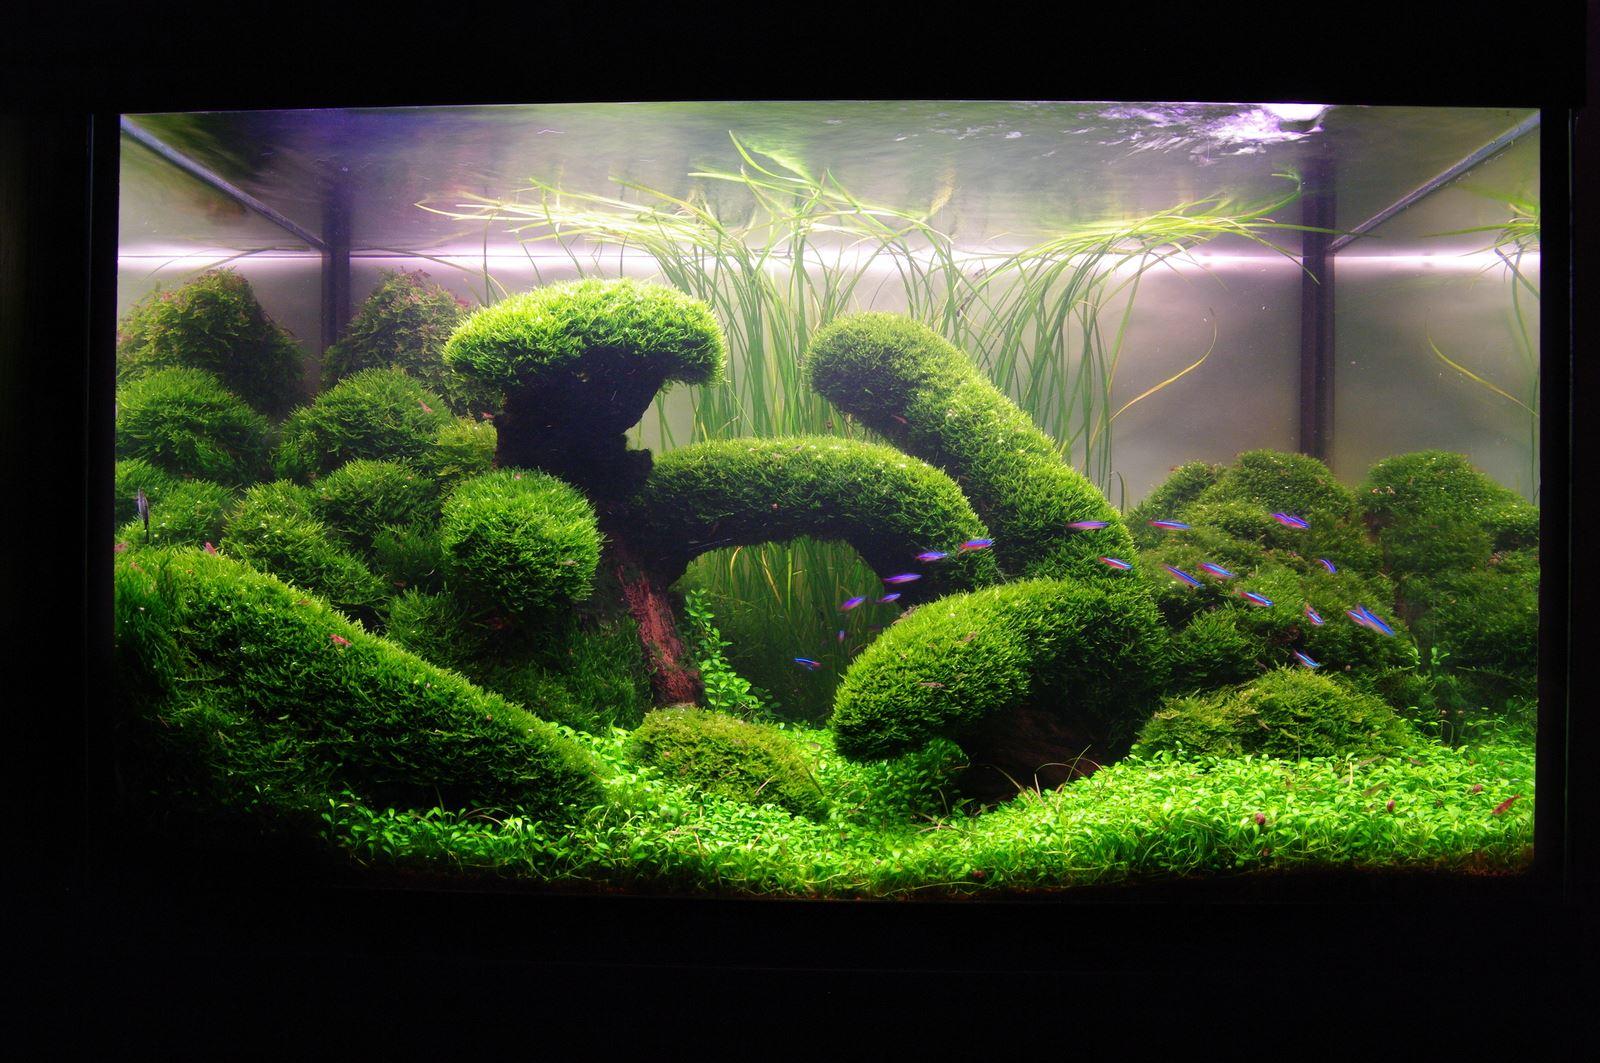 Какие растения можно посадить в аквариум - описание с фото 15